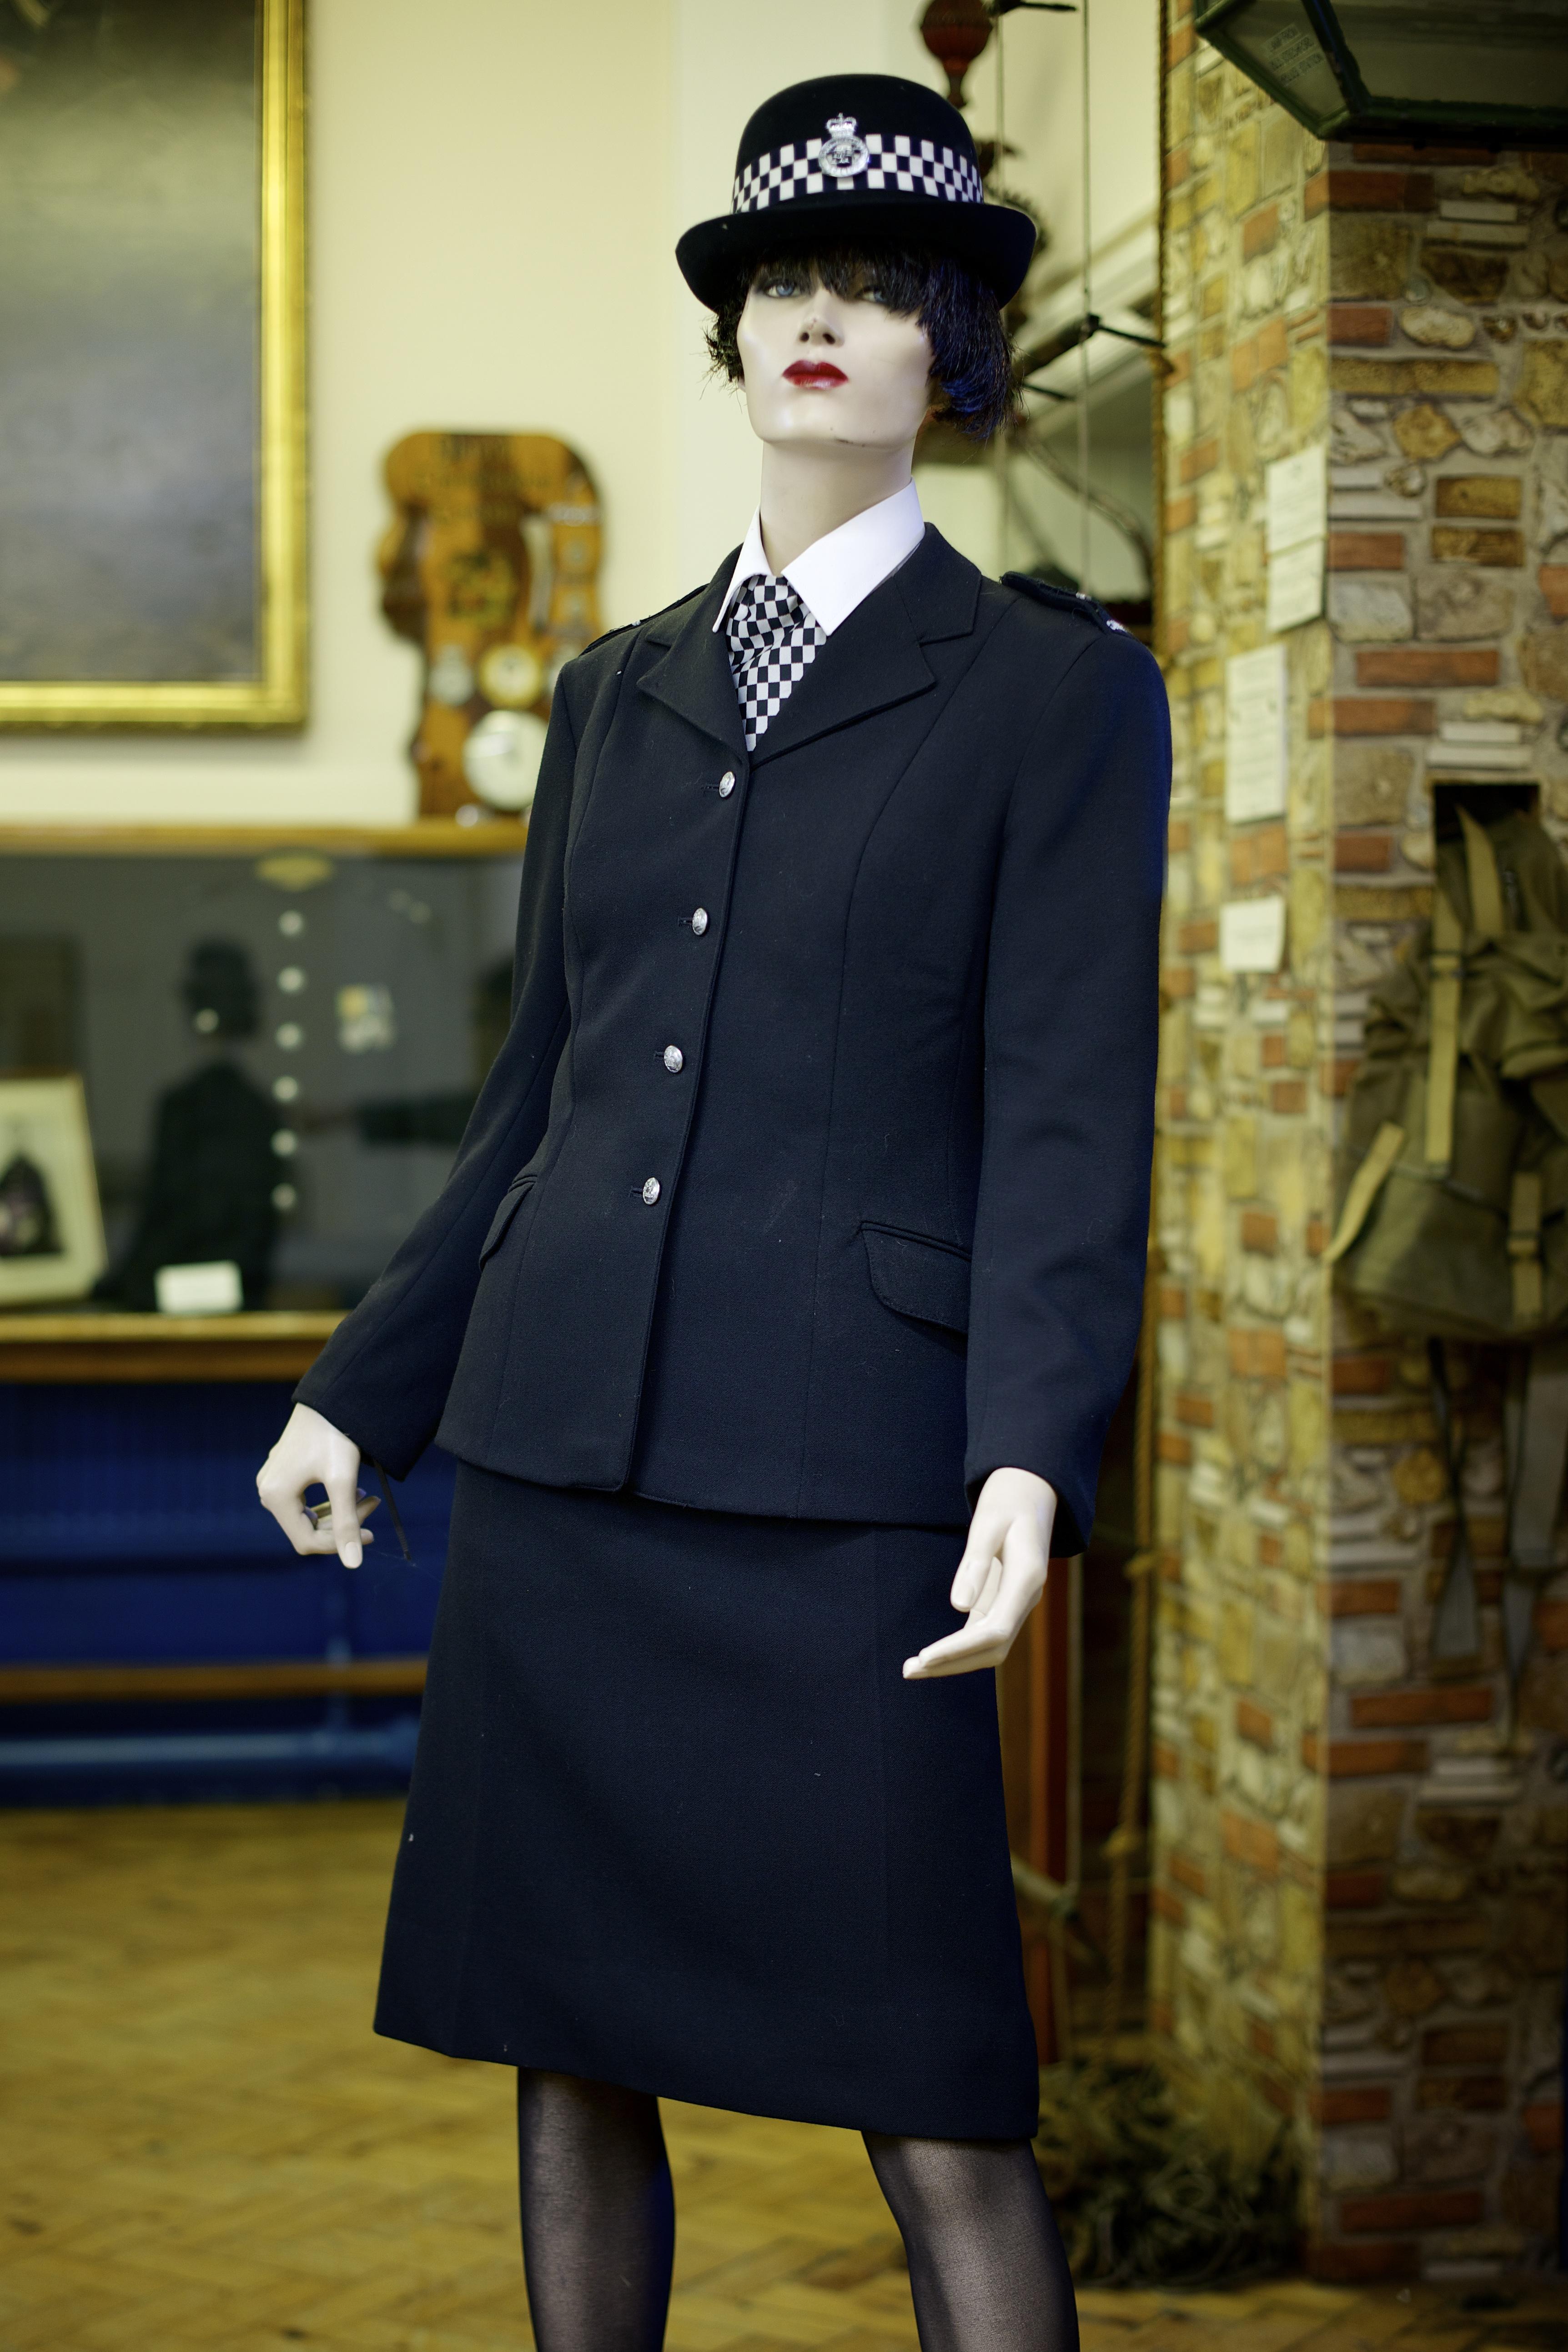 Constable Uniform 104